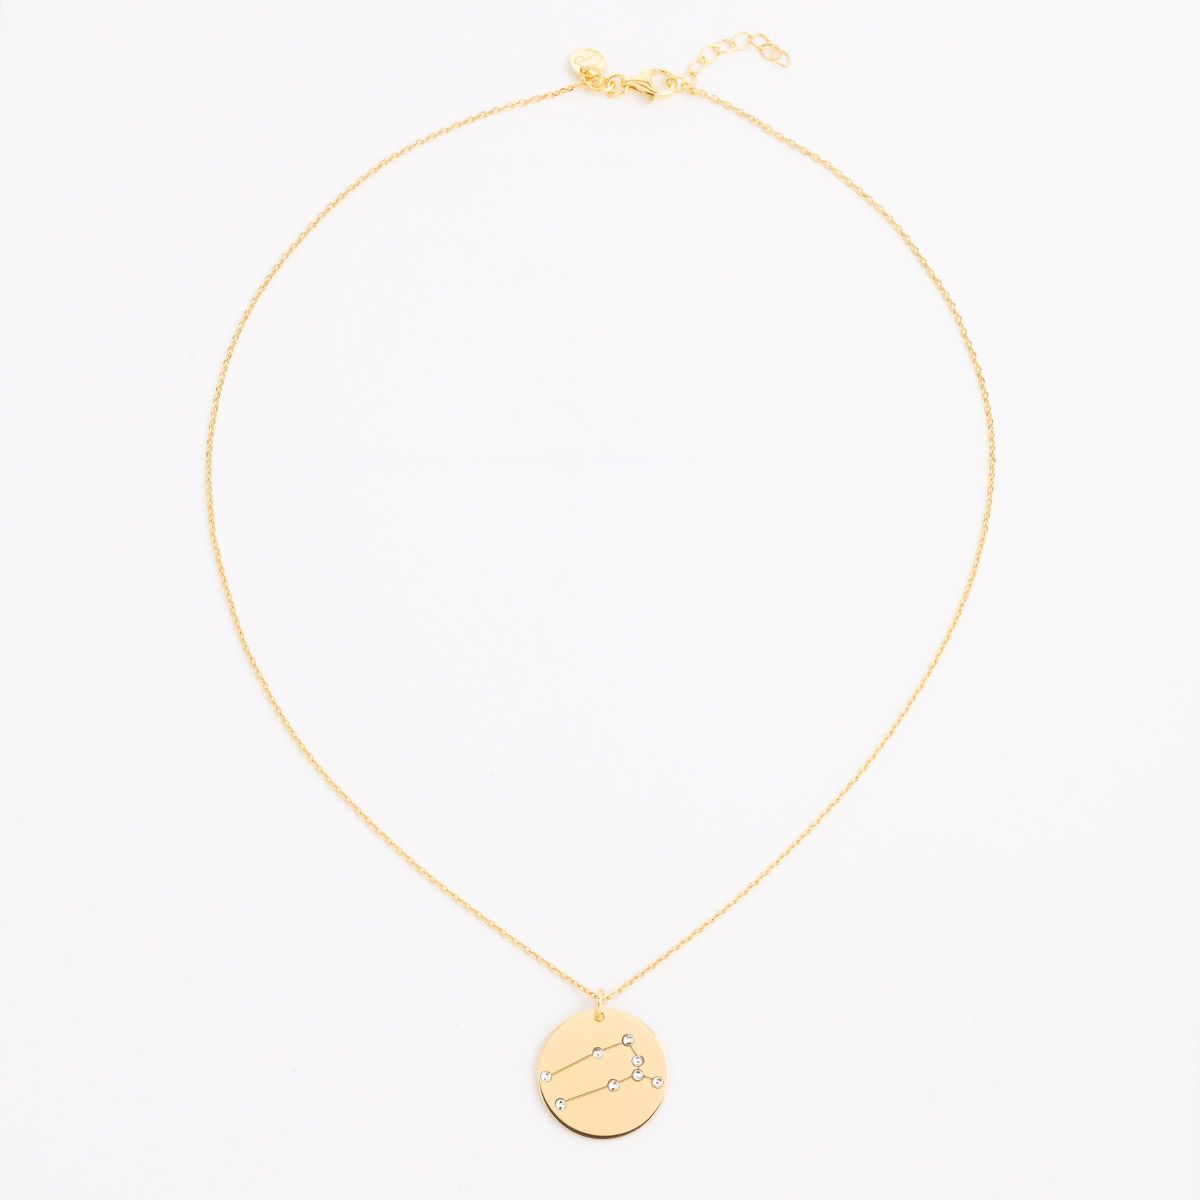 Insa - Halsketten - 18k vergoldet